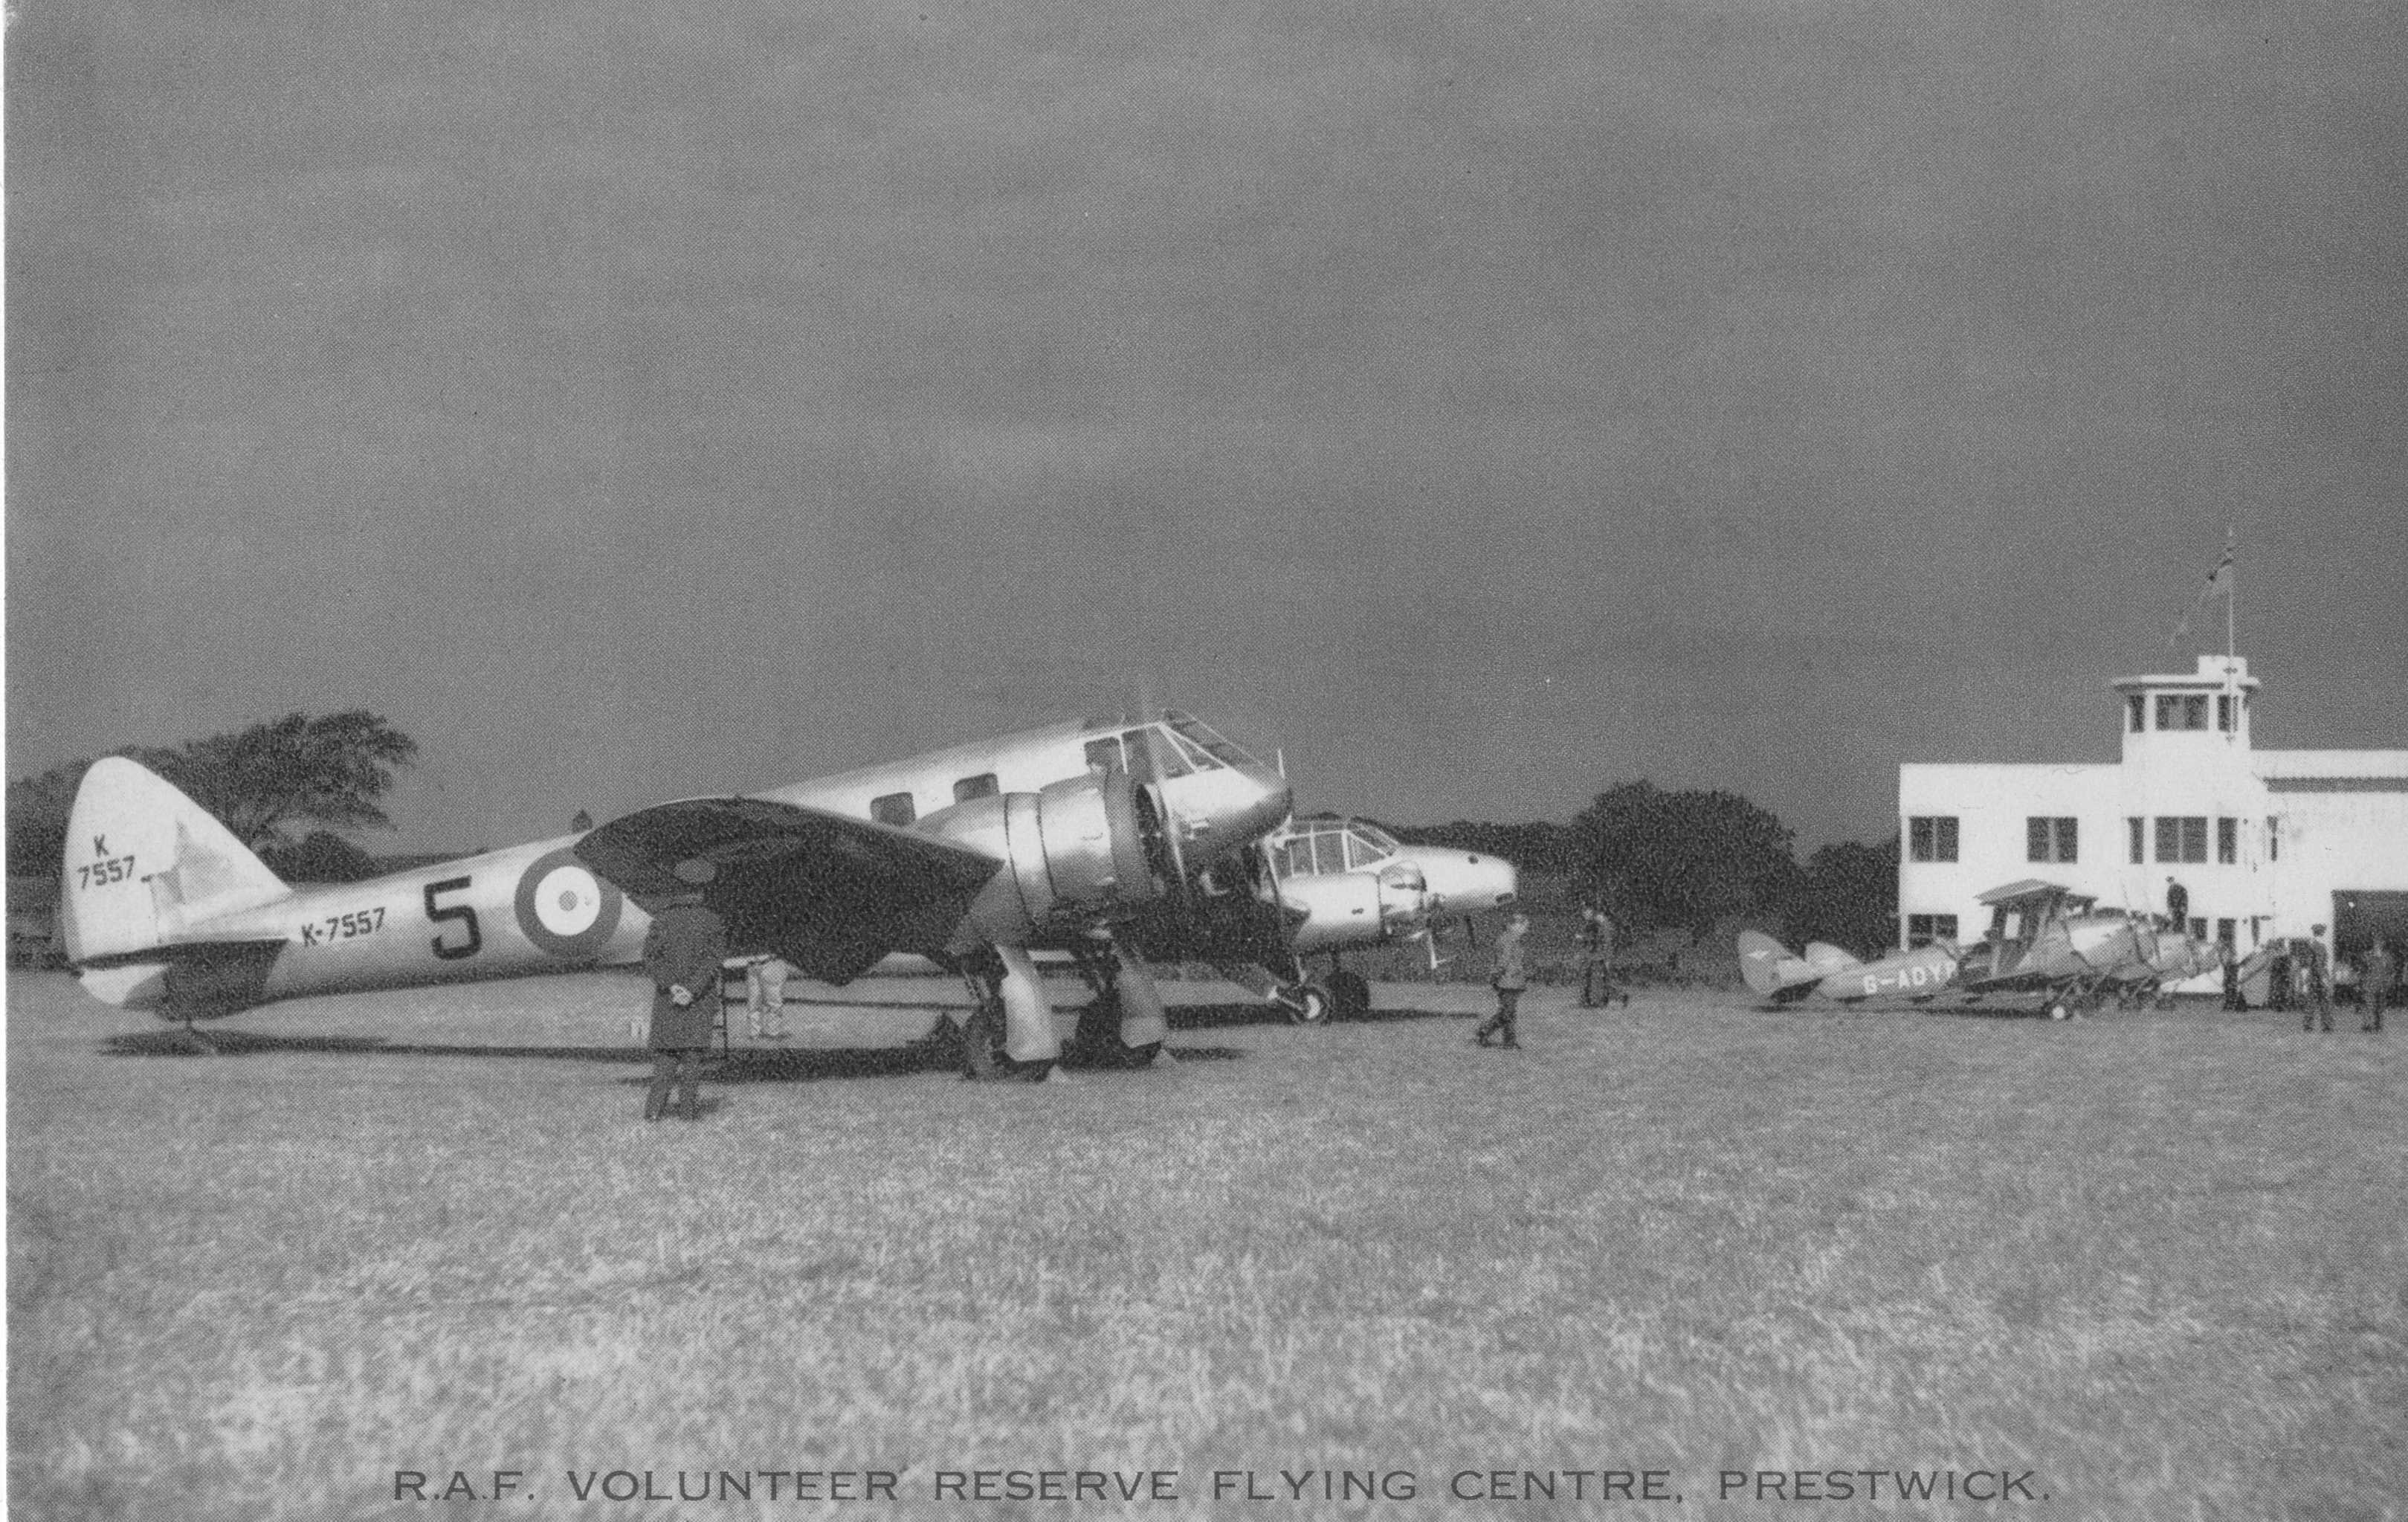 Prestwick, RAF Volunteer Reserve Flying Centre